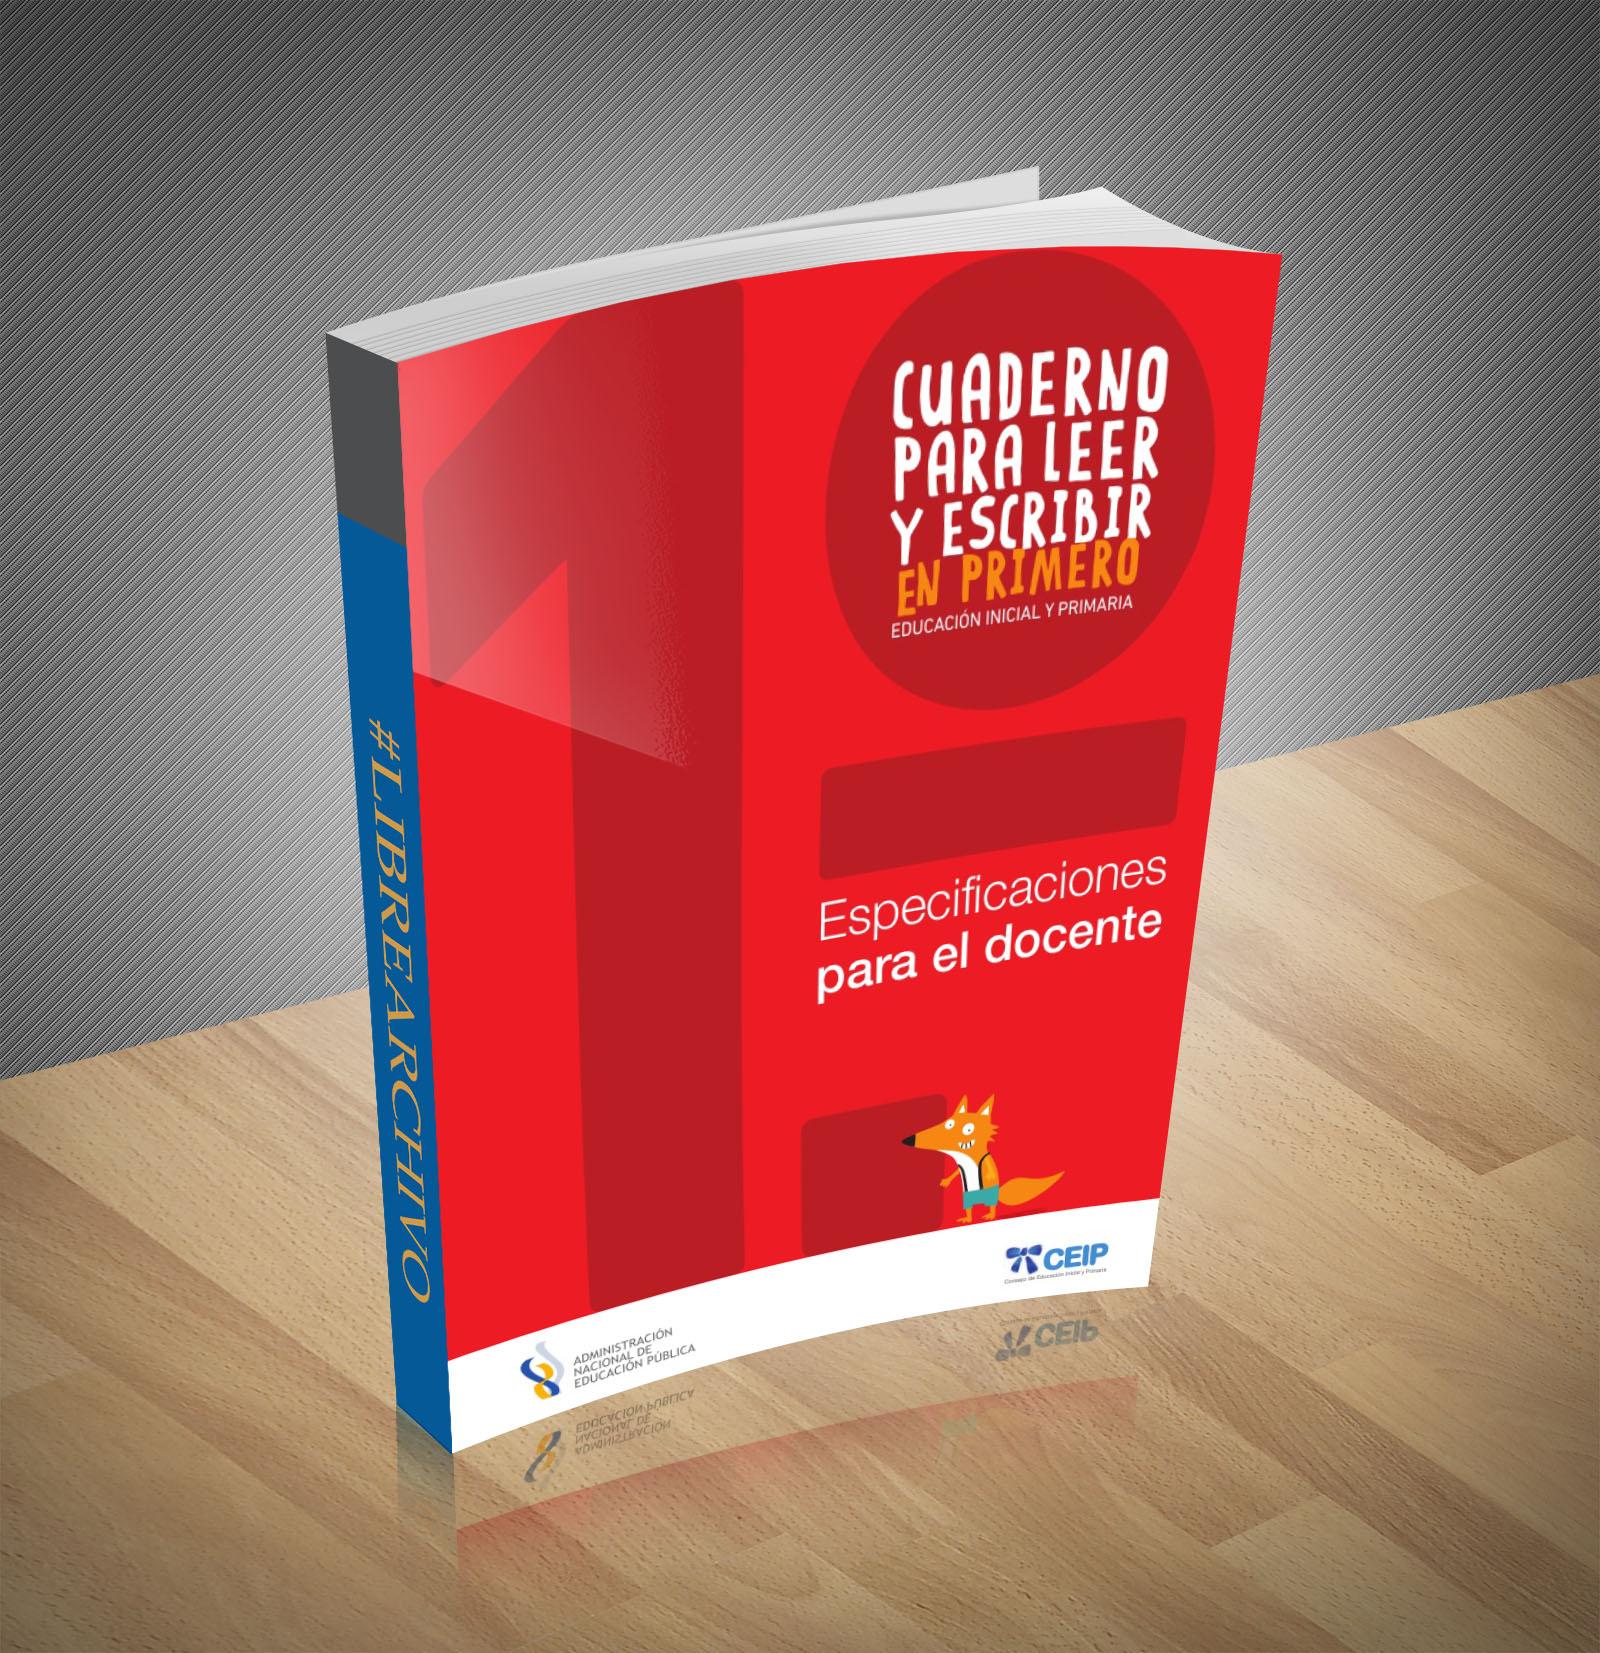 Cuaderno para leer y escribir en primero - especificaciones para el Docente  - PDF - Ebppk